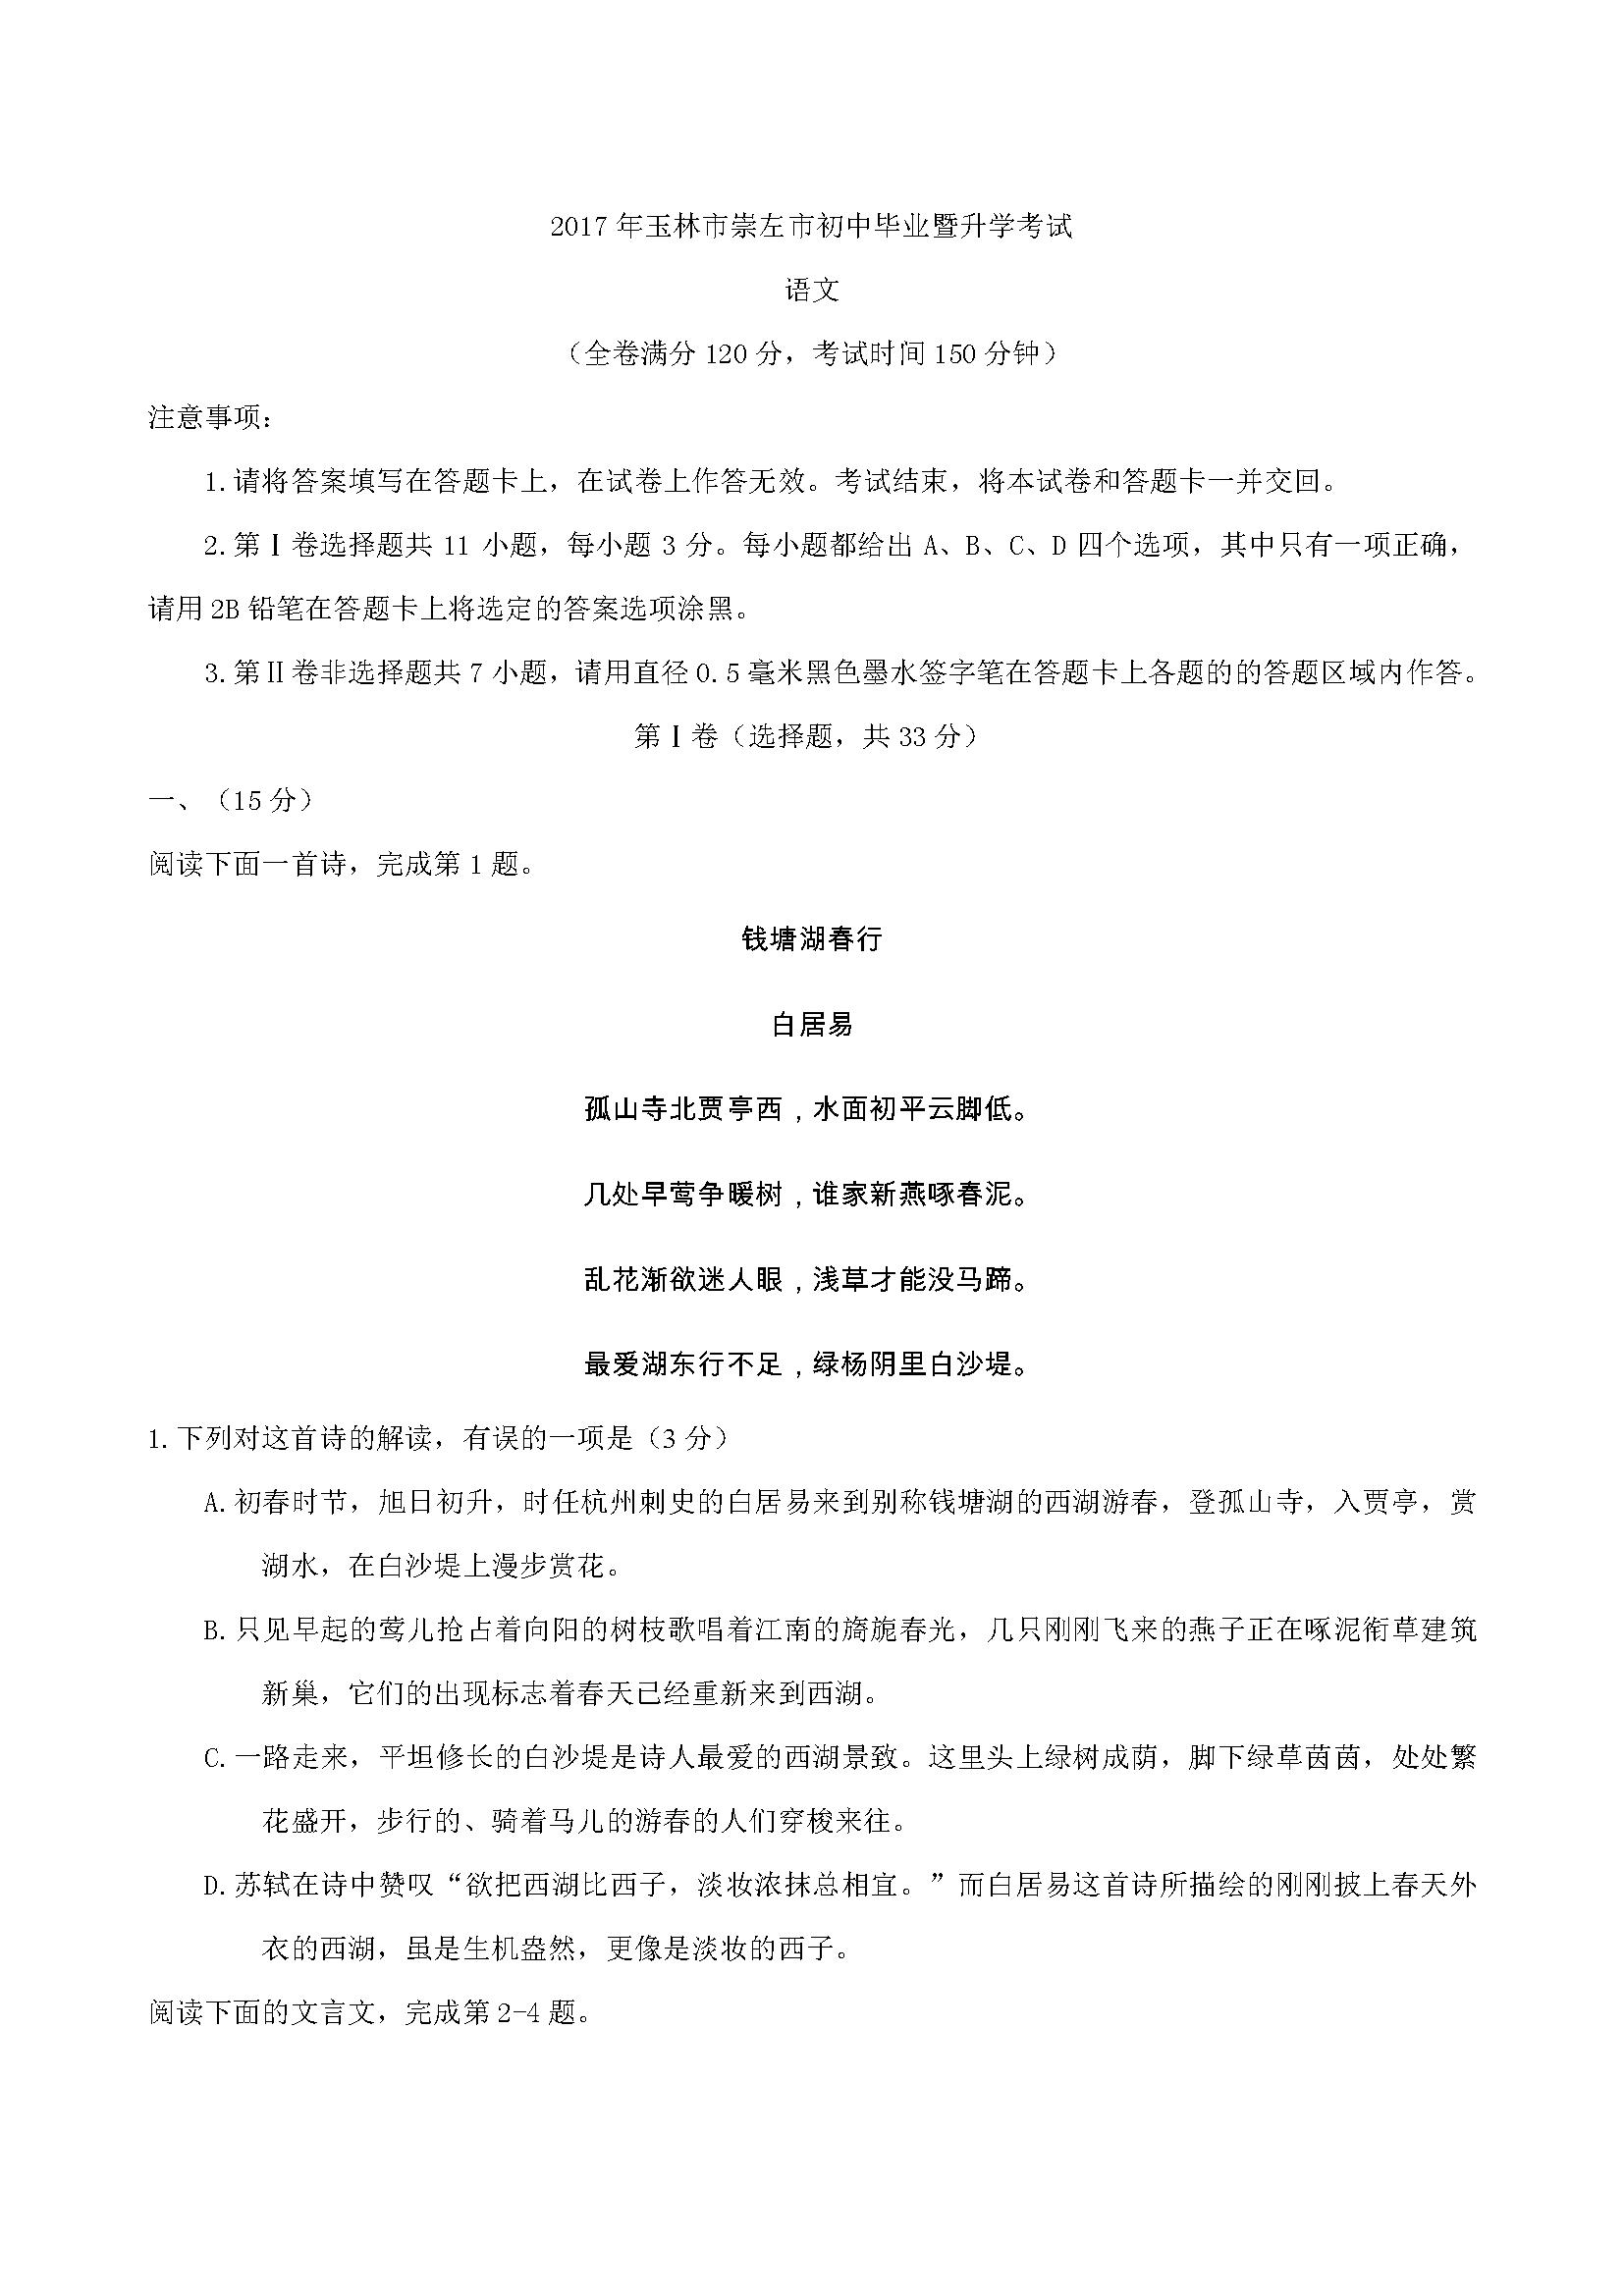 广西玉林崇左2017年中考语文试题(图片版)